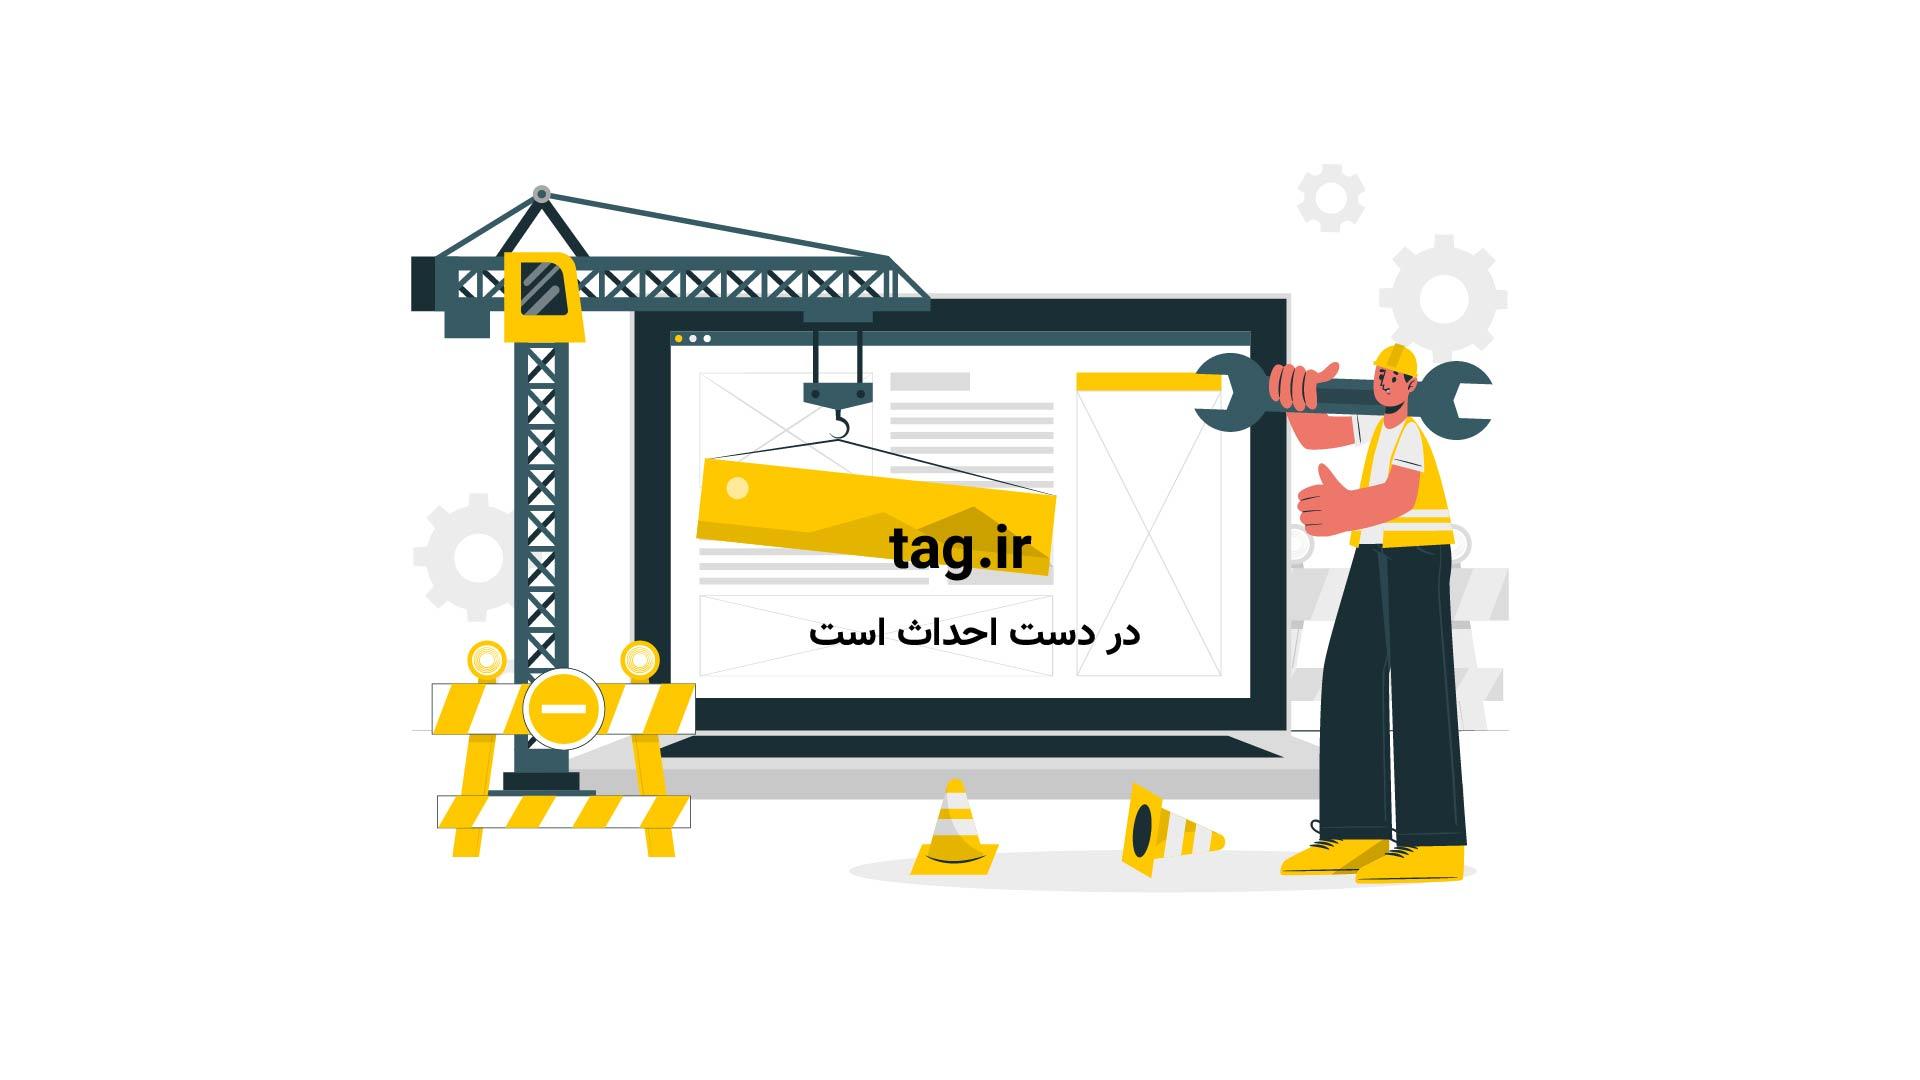 نهنگ قاتل | تگ